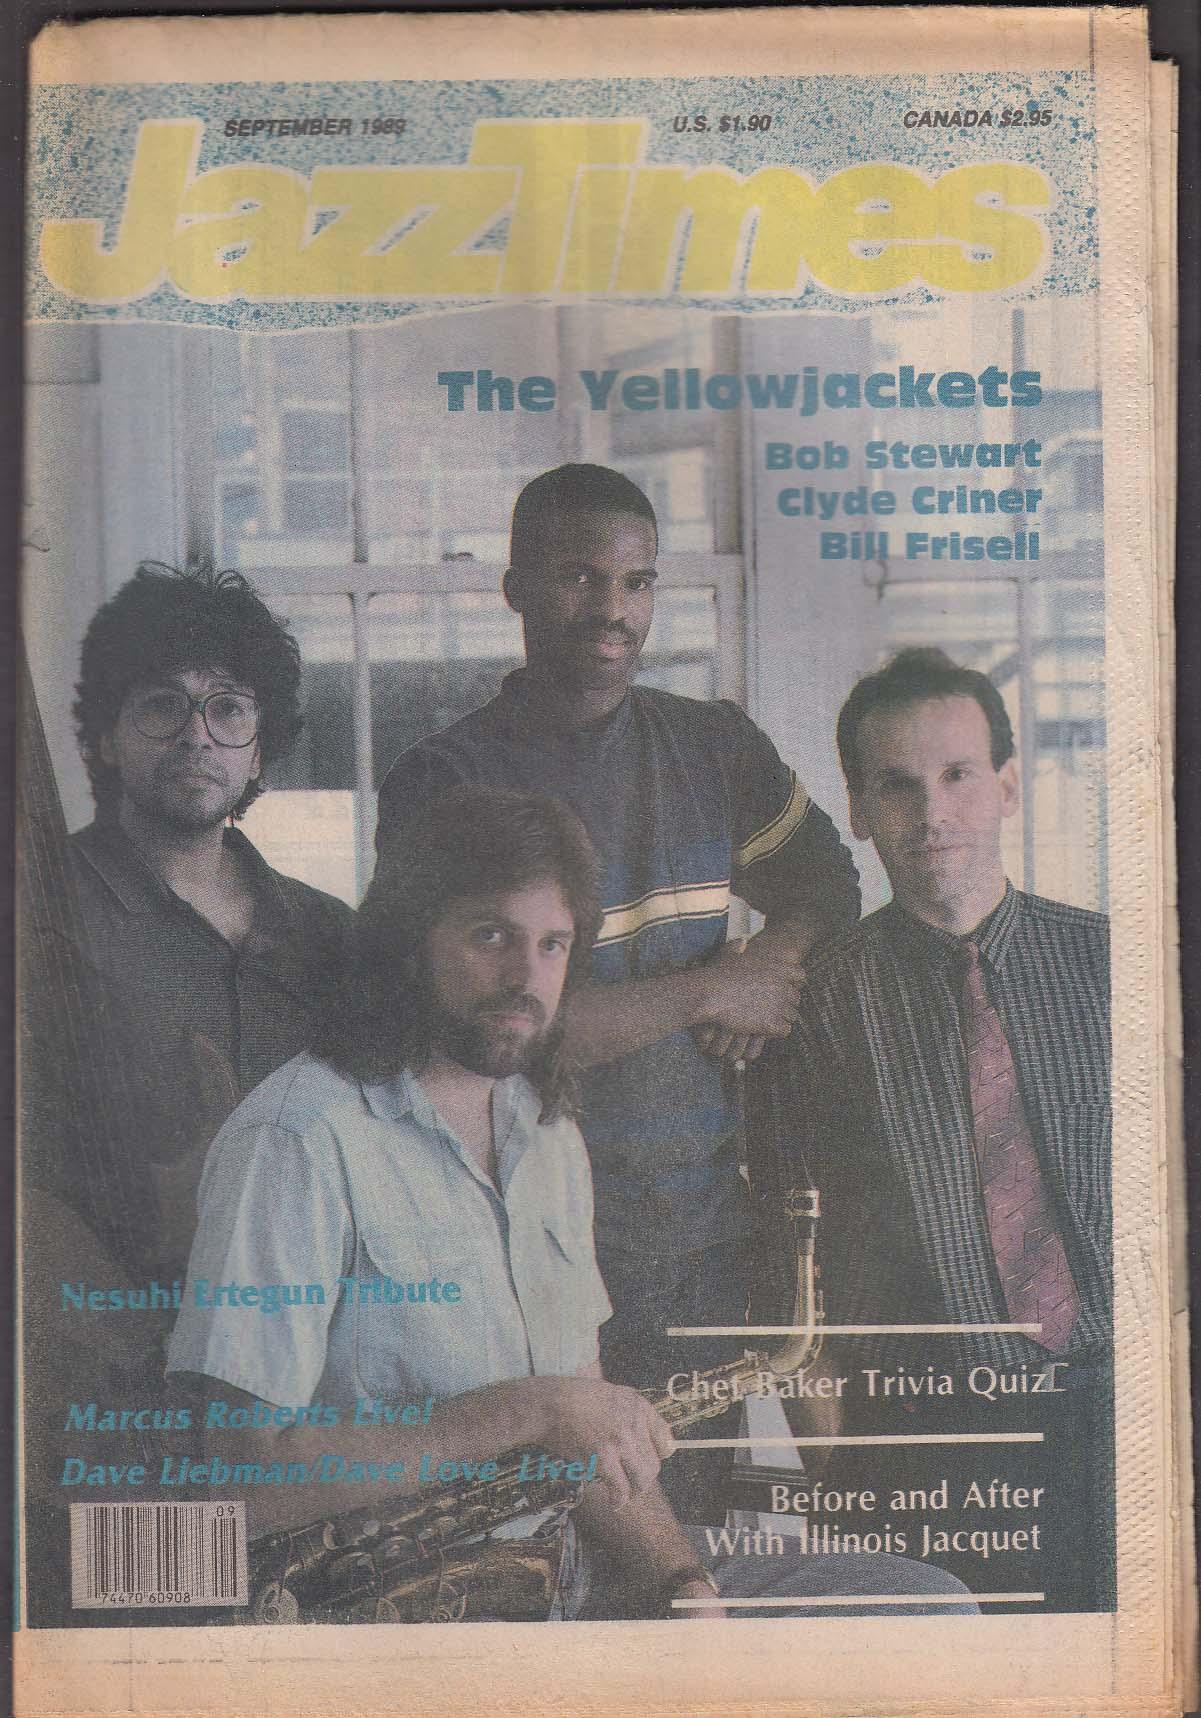 JAZZTIMES Yellowjackets Bob Stewart Clyde Criner Bill Brisell ++ 9 1989